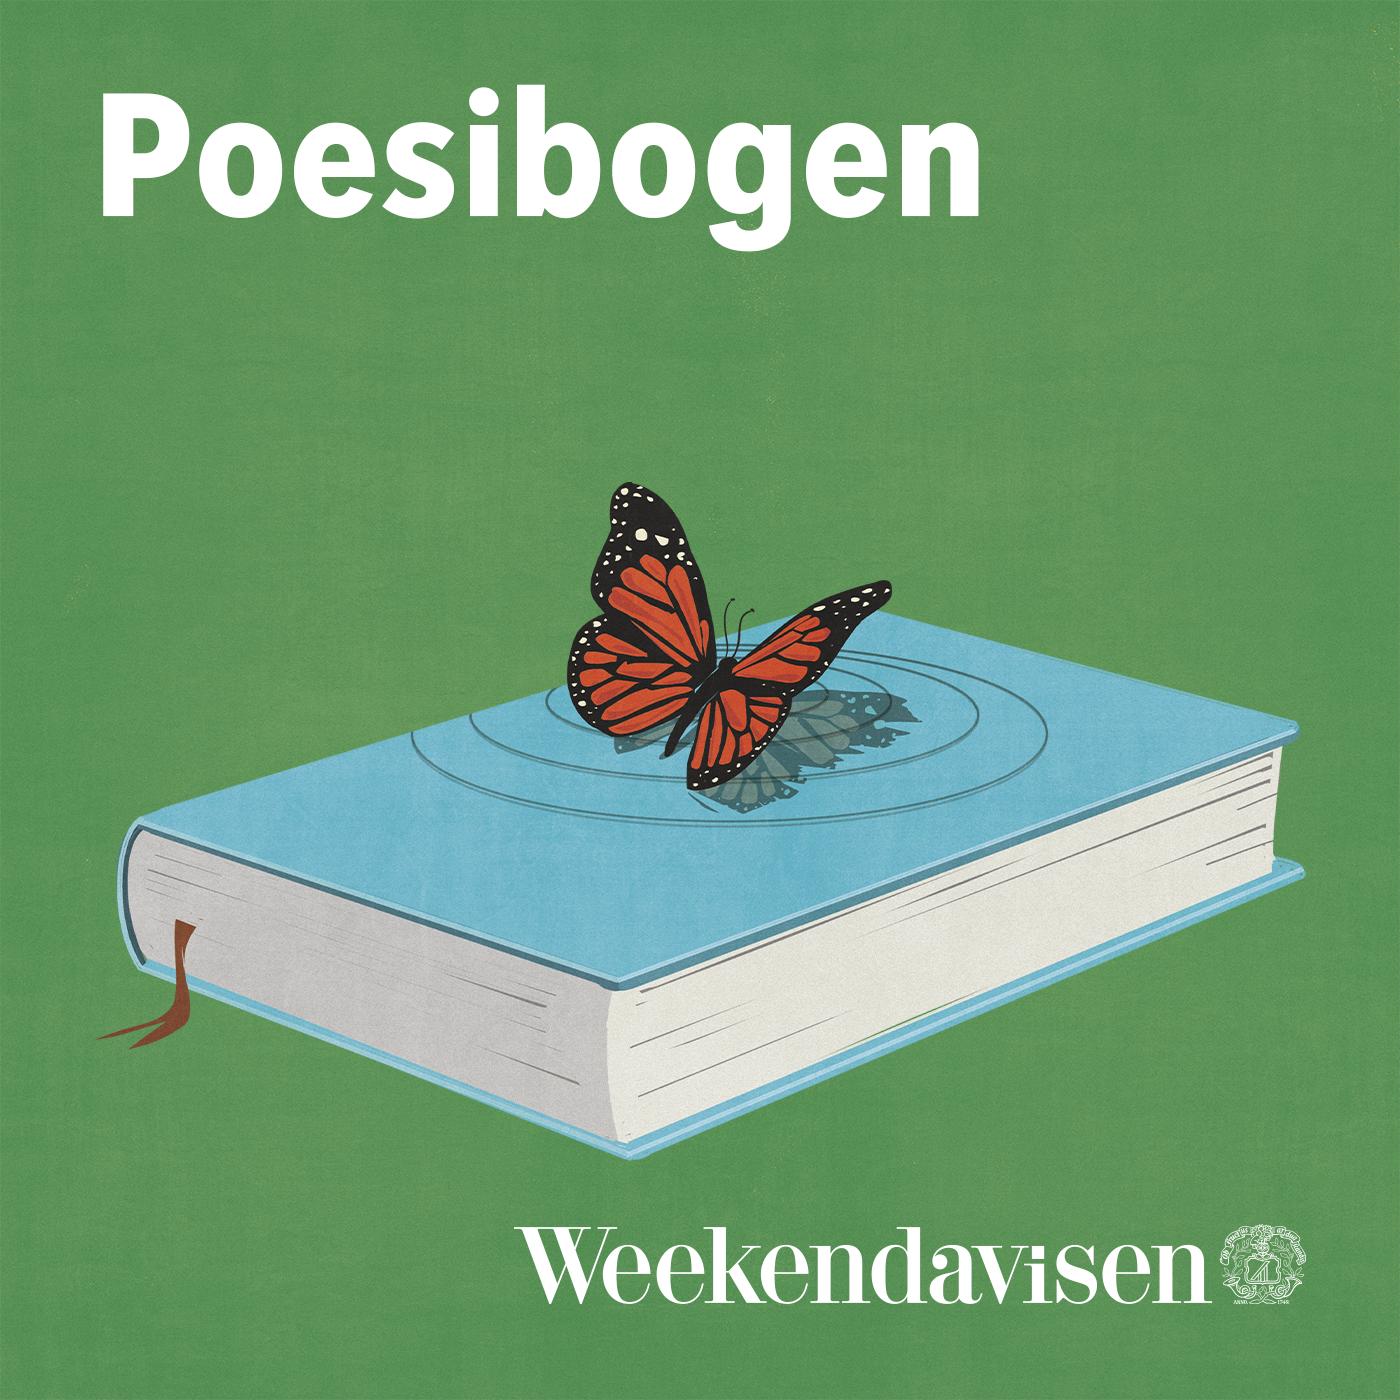 Poesibogen